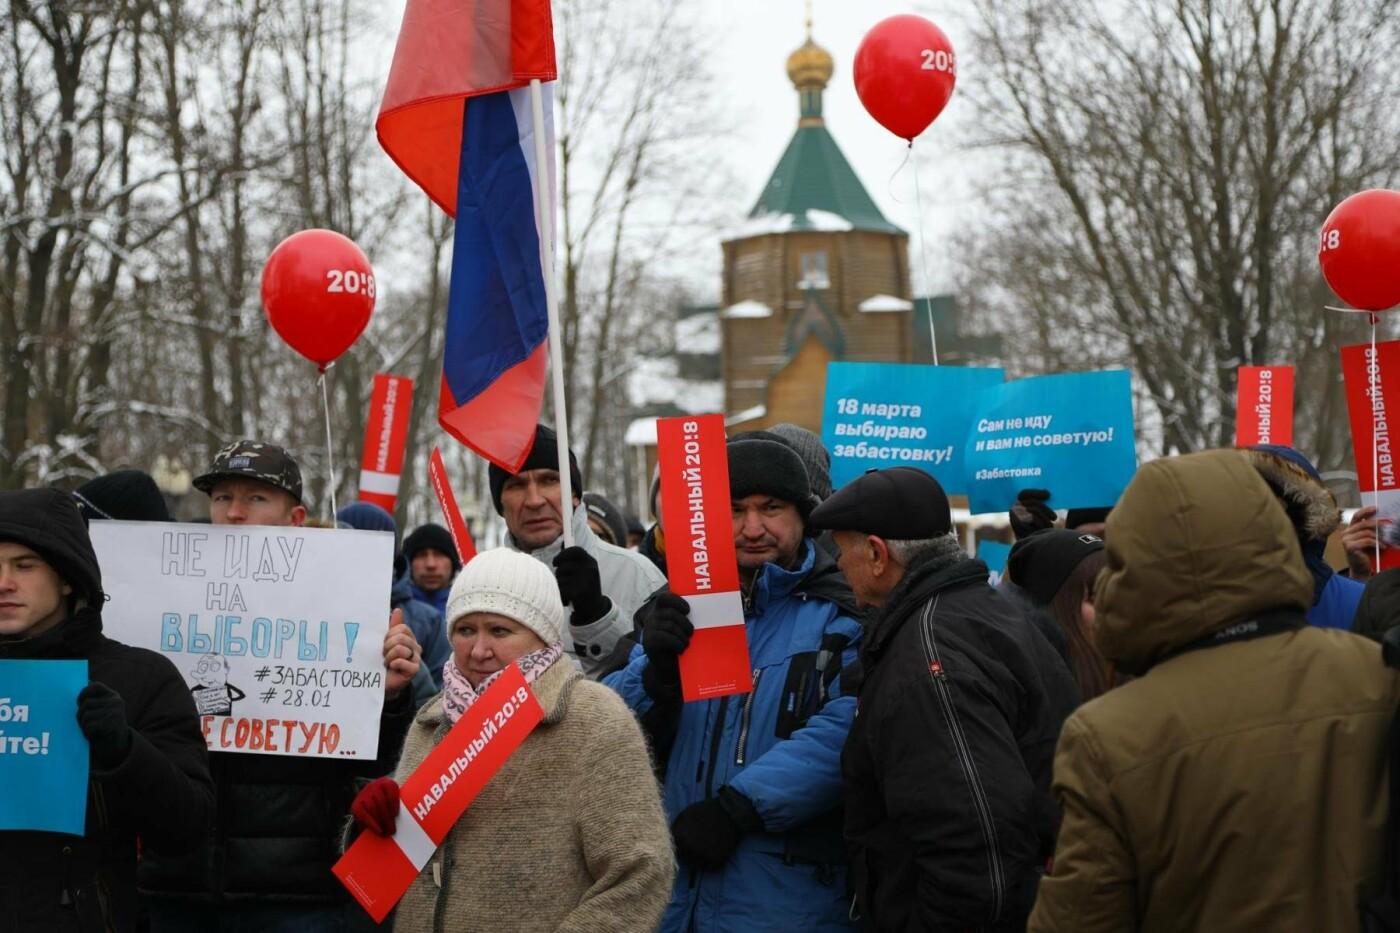 В Белгороде у Дома офицеров прошла «забастовка избирателей» — фоторепортаж, фото-9